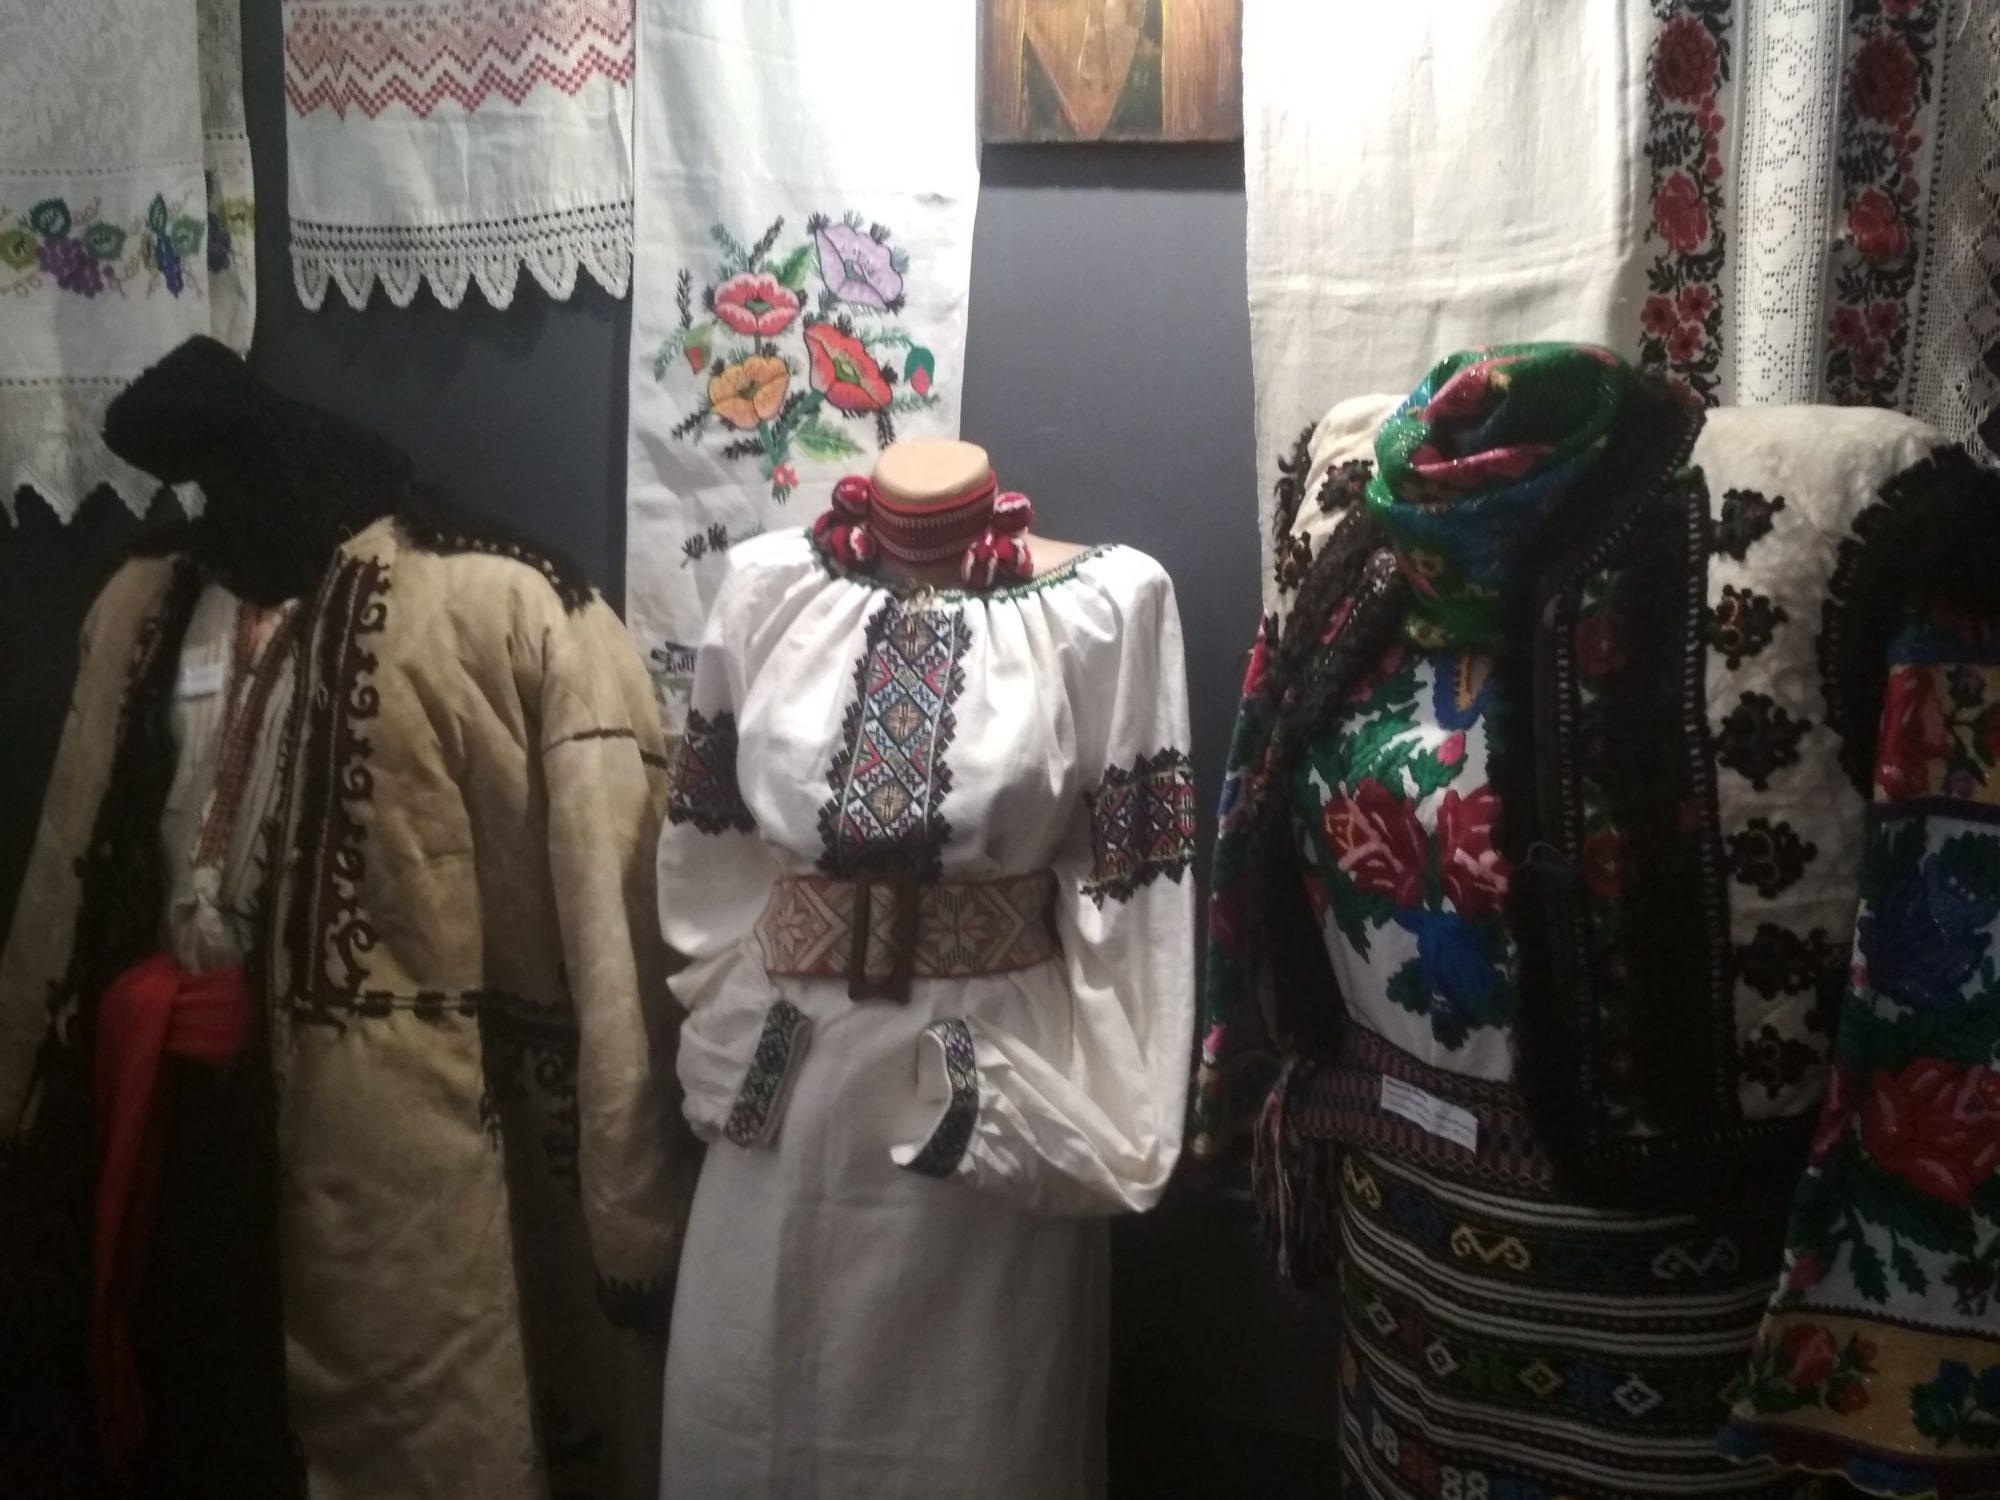 У Фастові відкрилась виставка вишивки «Сакральний код моєї країни» - вишиванки - IMG 20190516 113226 2000x1500